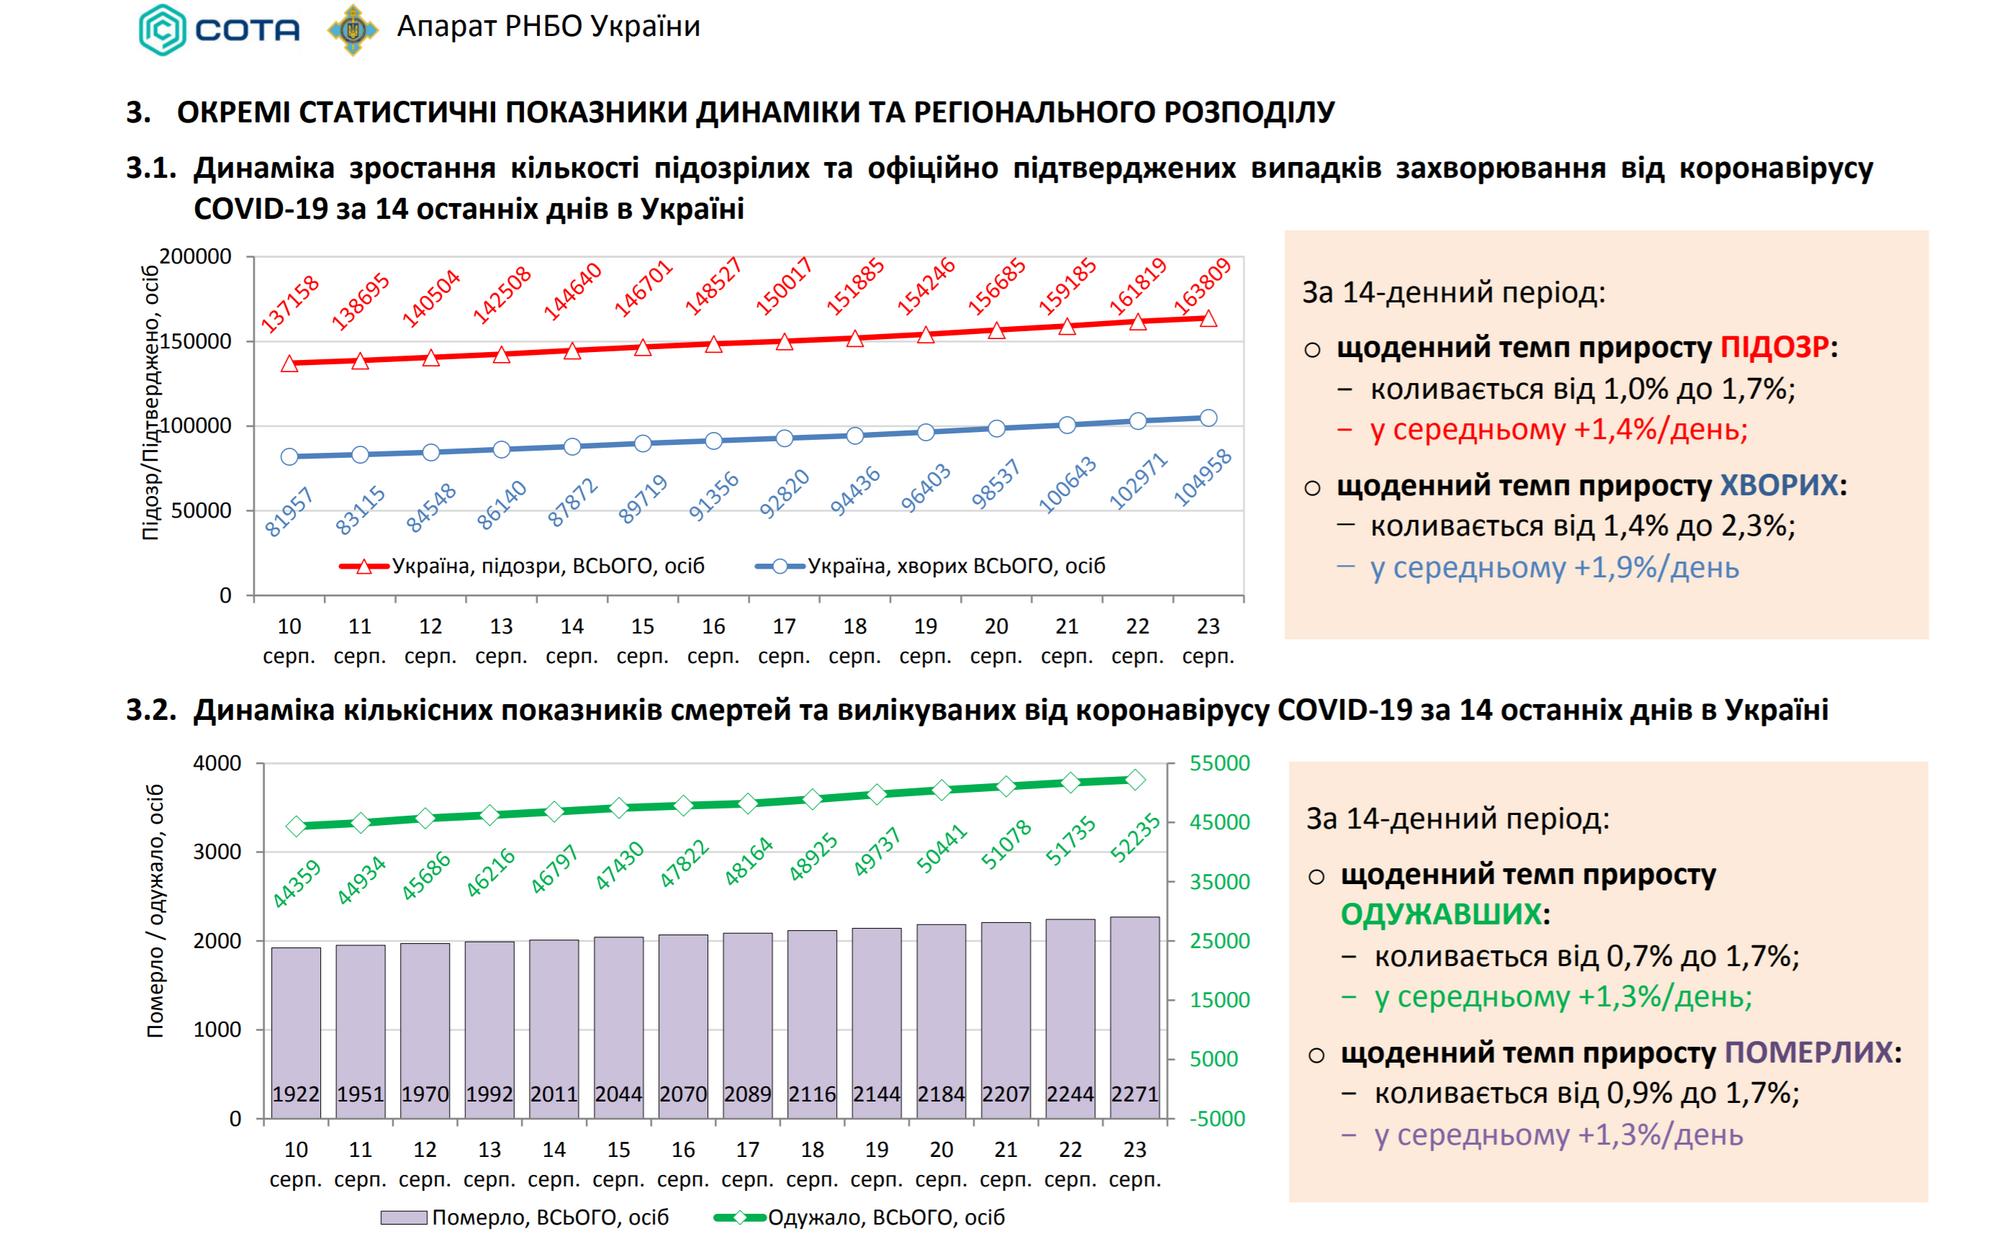 Динамика коронавируса в Украине